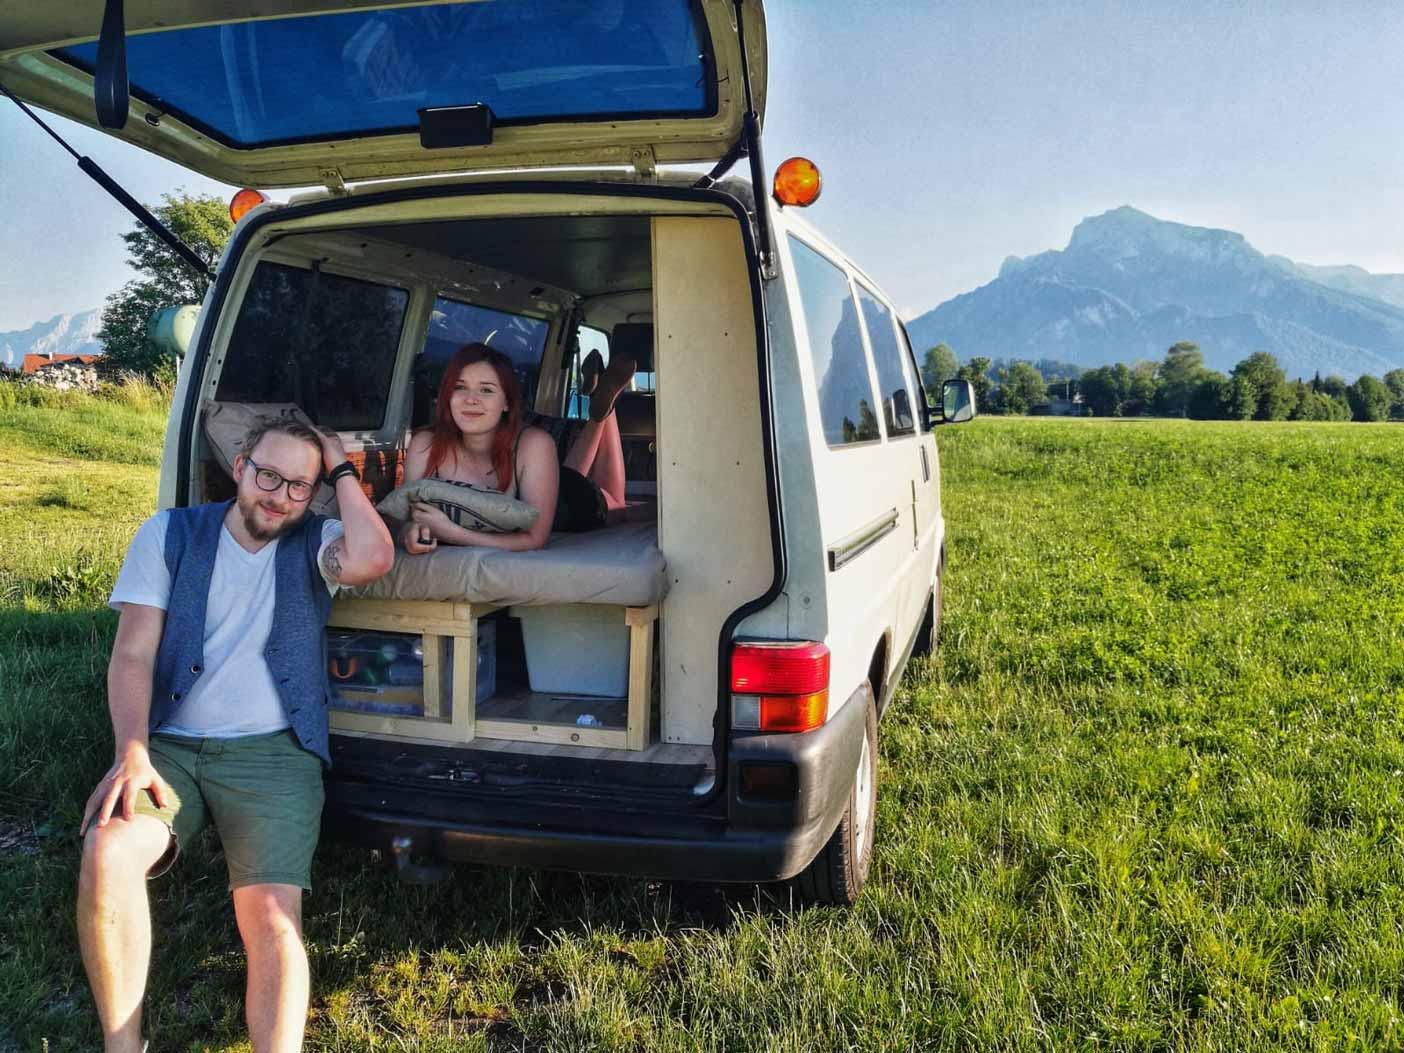 VW-T4-Camper-Syncro-caravelle-california-innenausbau-pritsche-multivan-pärchen-auszeit